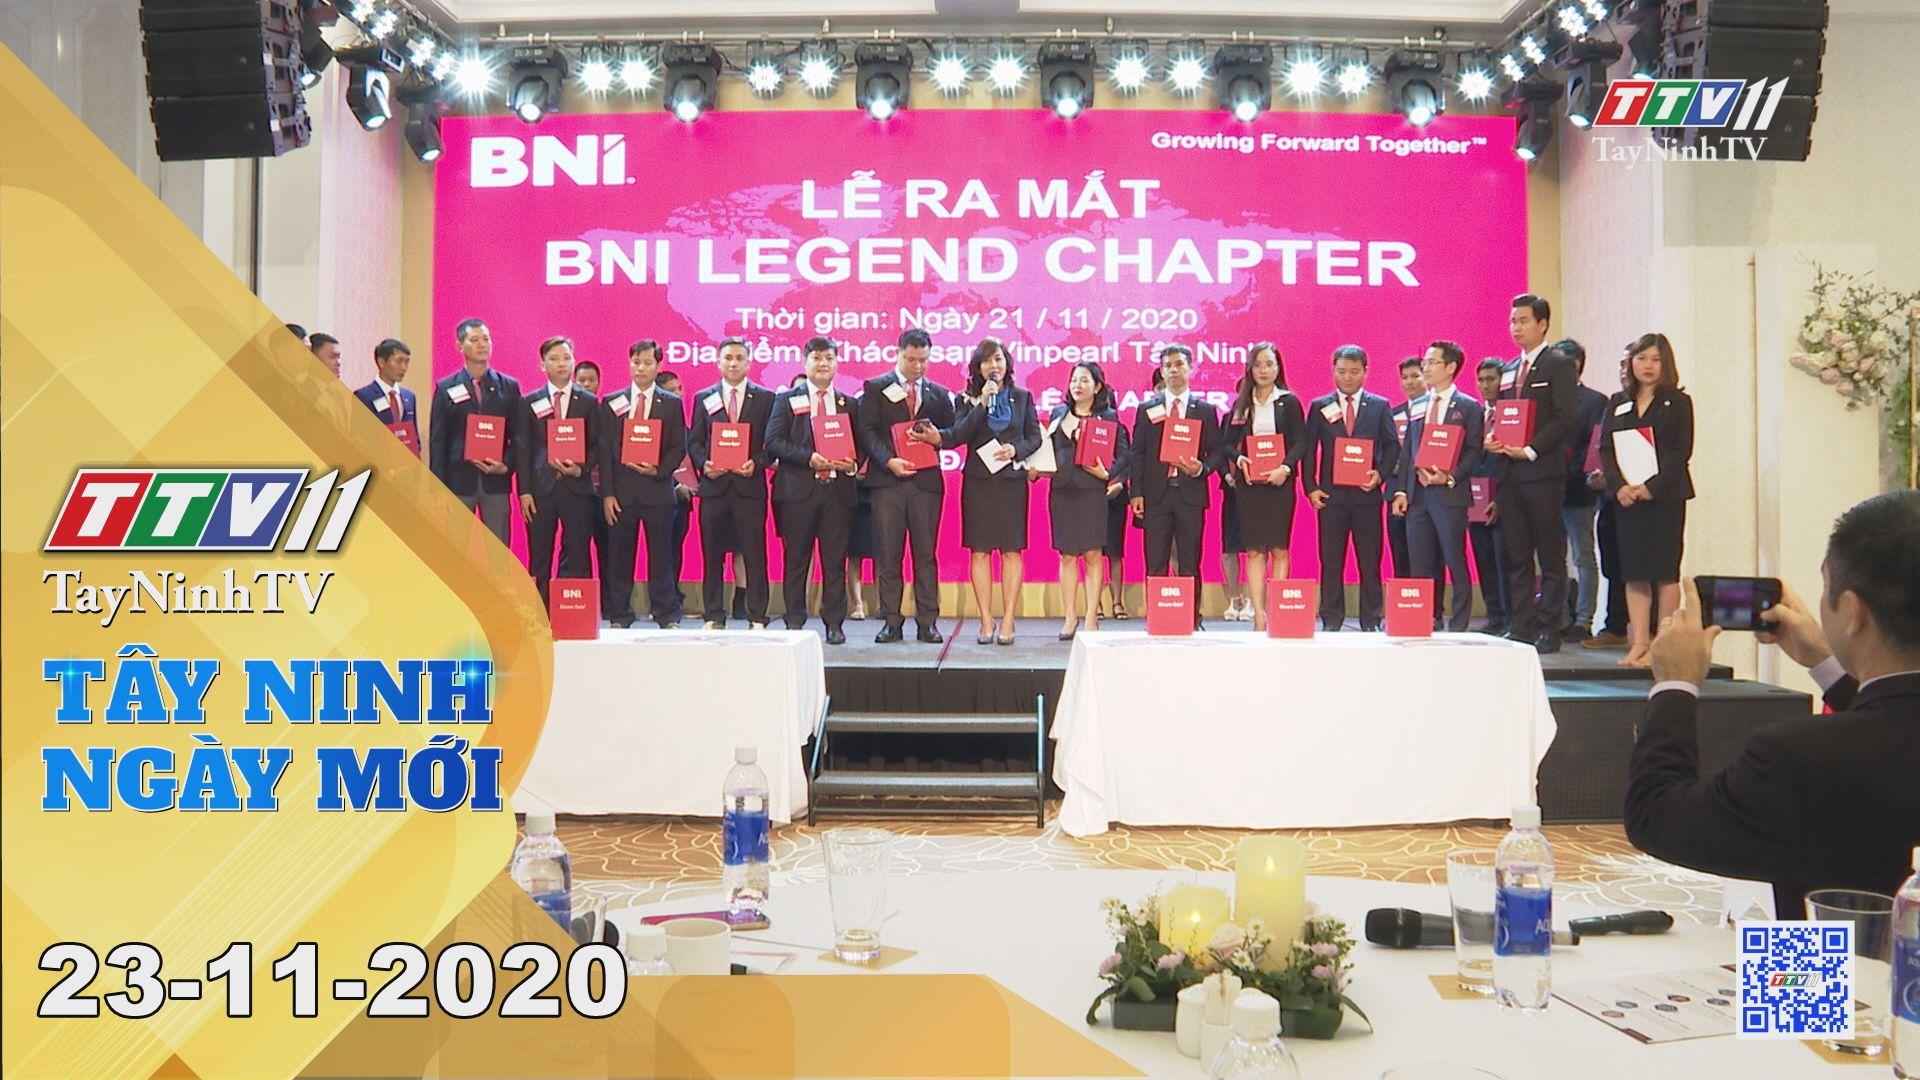 Tây Ninh Ngày Mới 23-11-2020 | Tin tức hôm nay | TayNinhTV